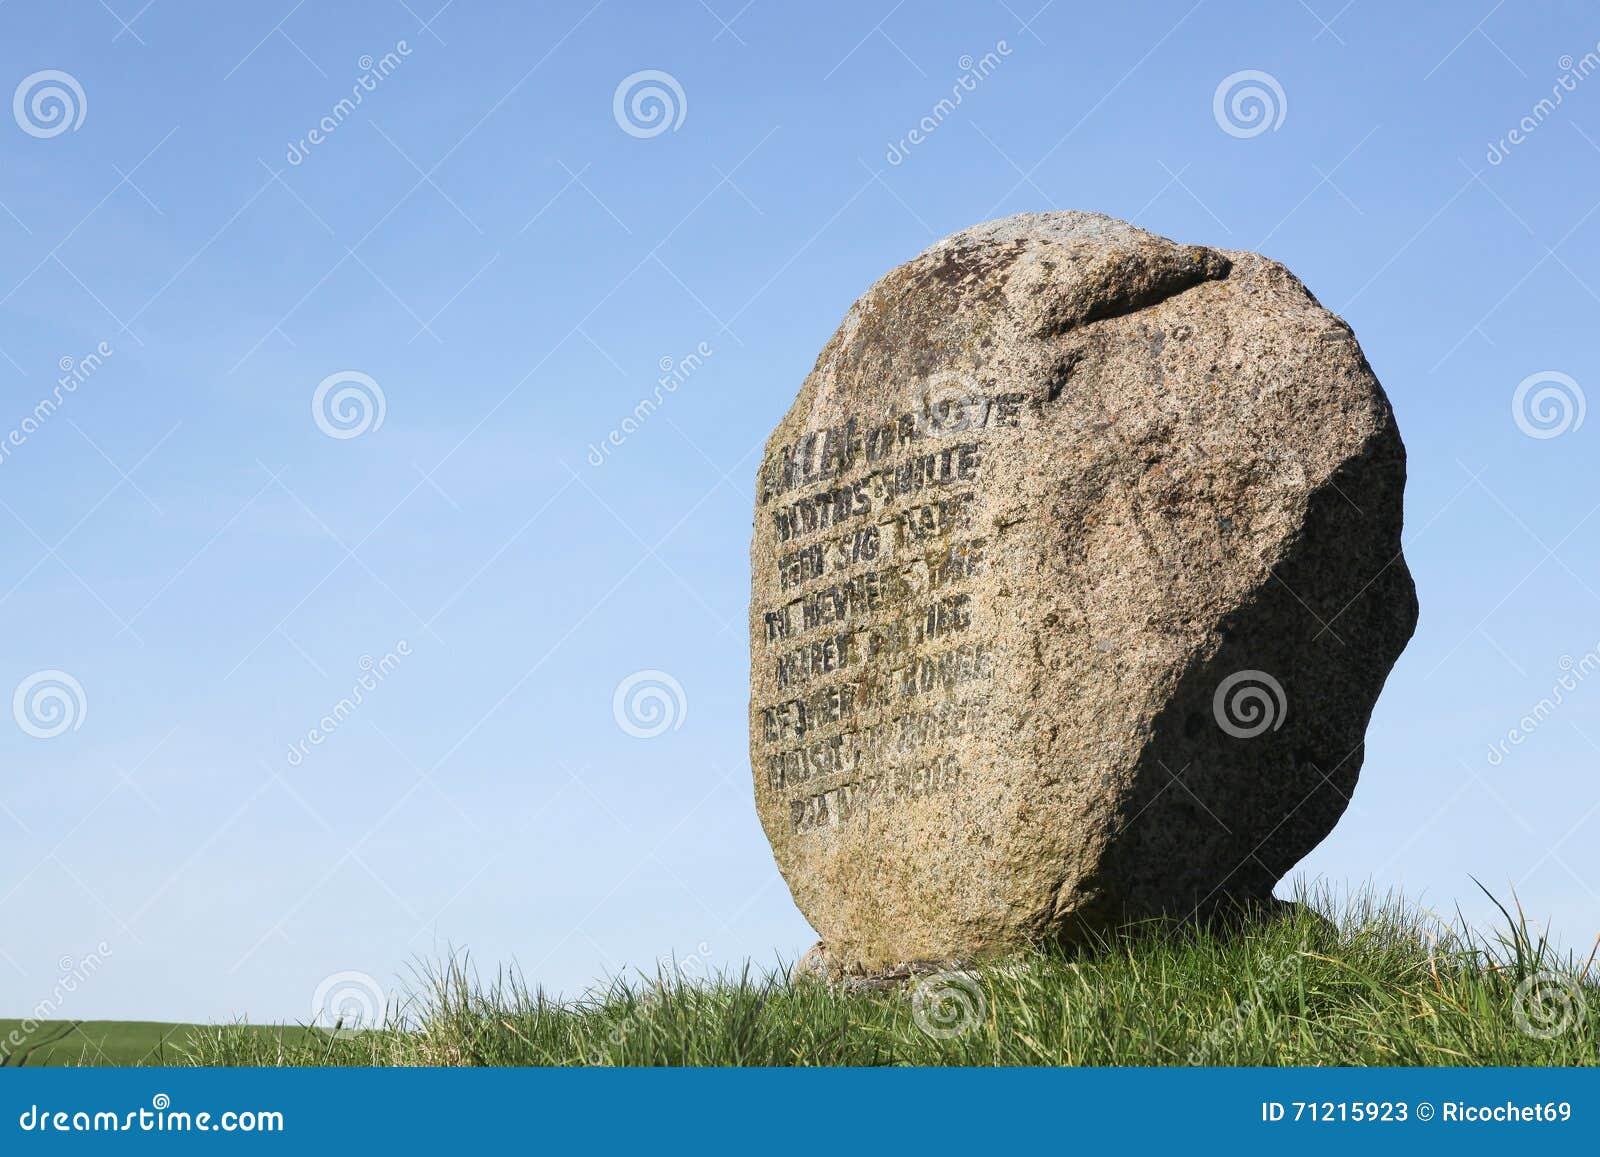 Grave of the Prince Hamlet in Ammelhede, Denmark